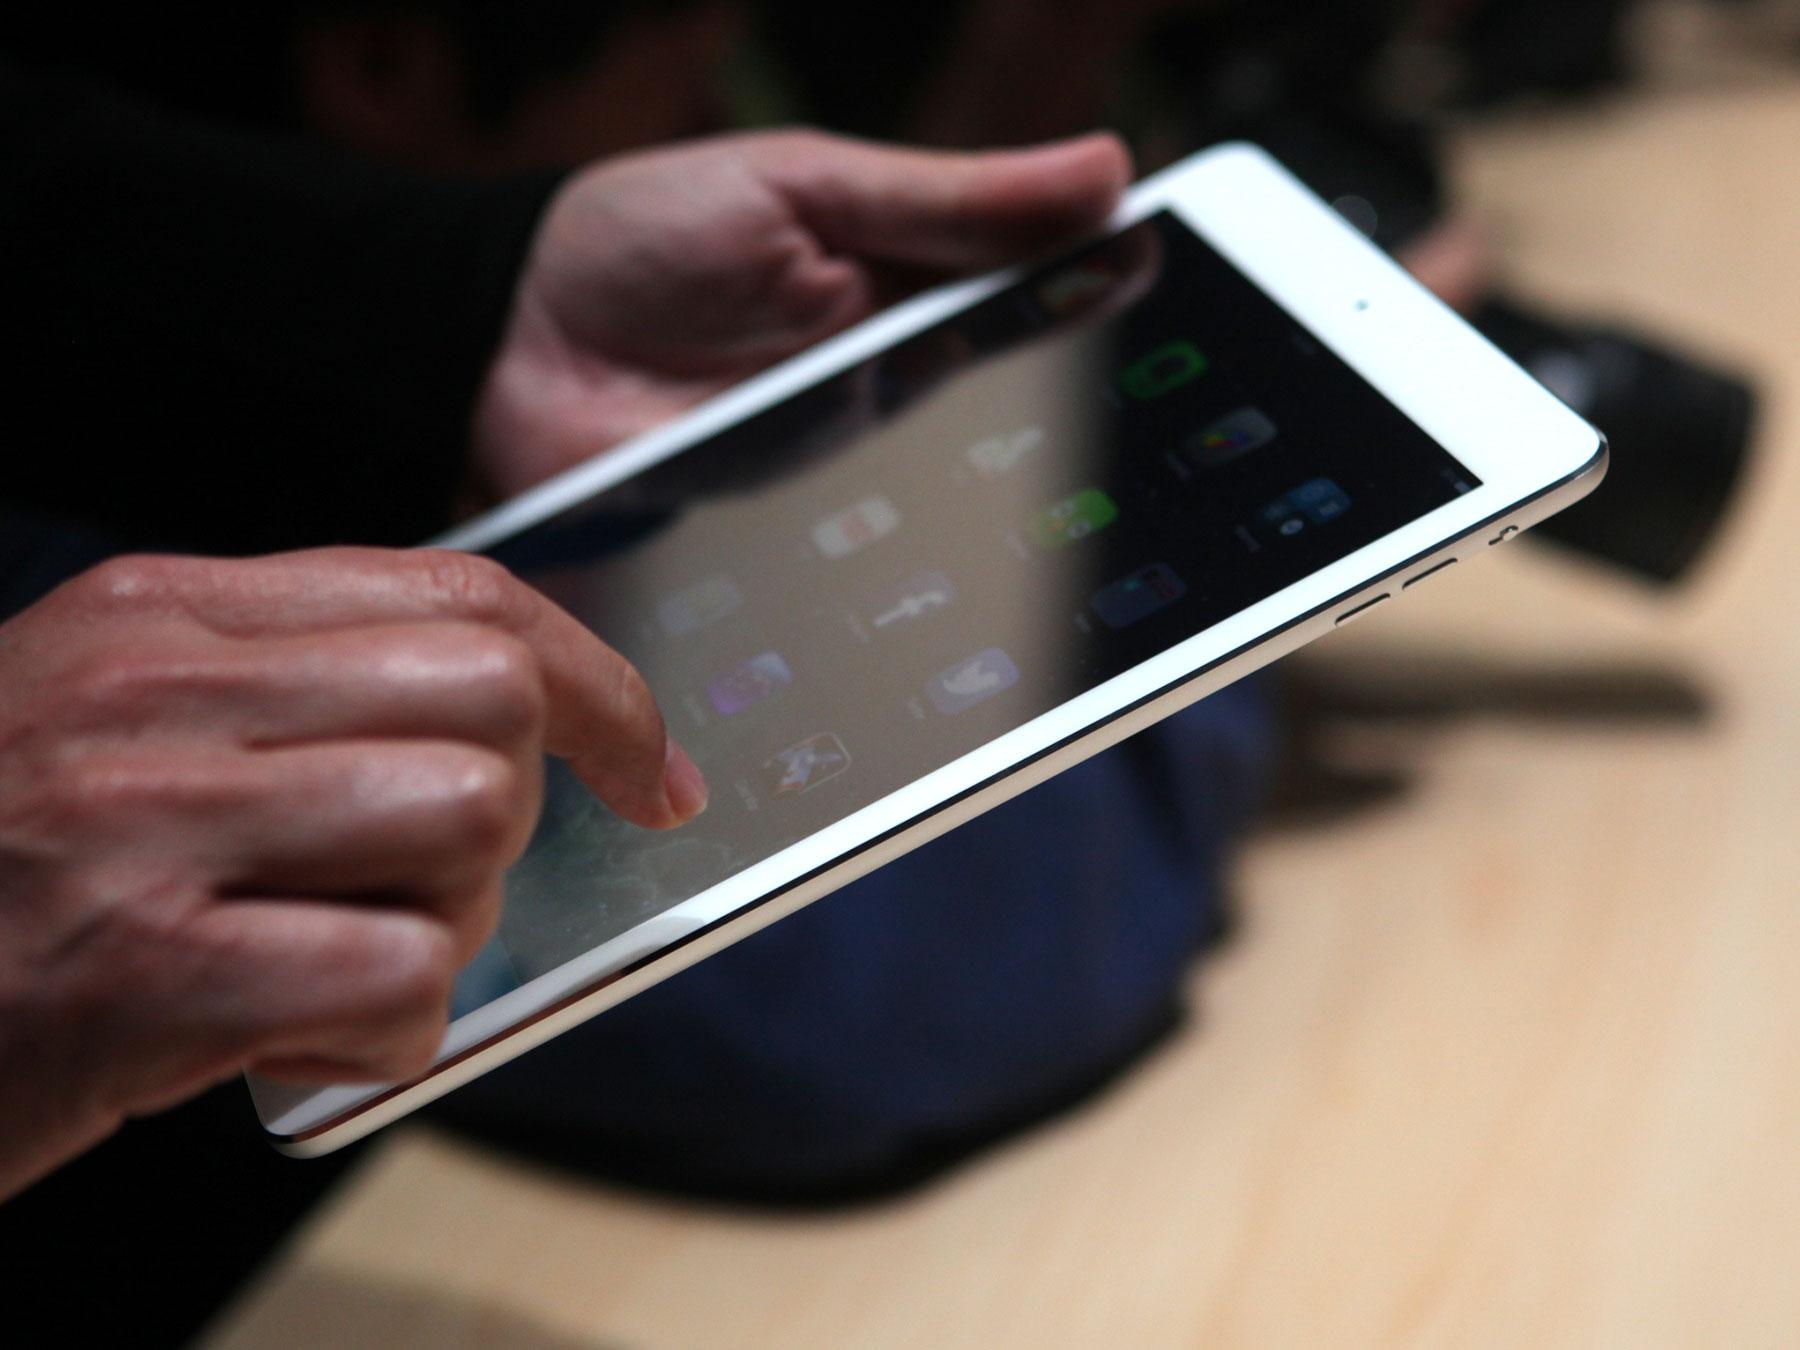 image0012 - Apple iPad Air sẽ có nâng cấp chip A8 và Touch ID trong 2014